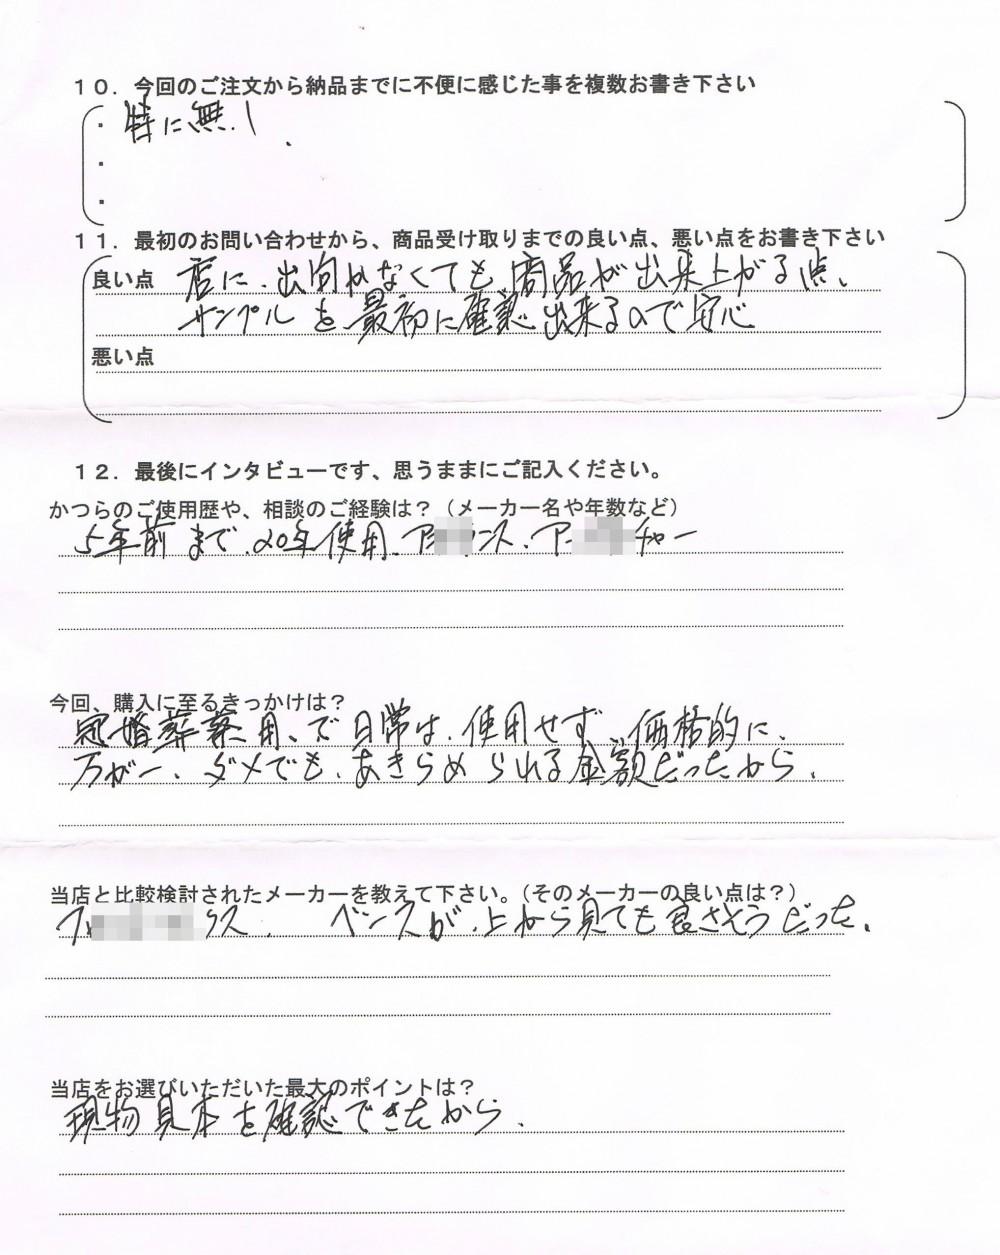 アンケート:京都府50代(20年使用、5年ブランクあり)